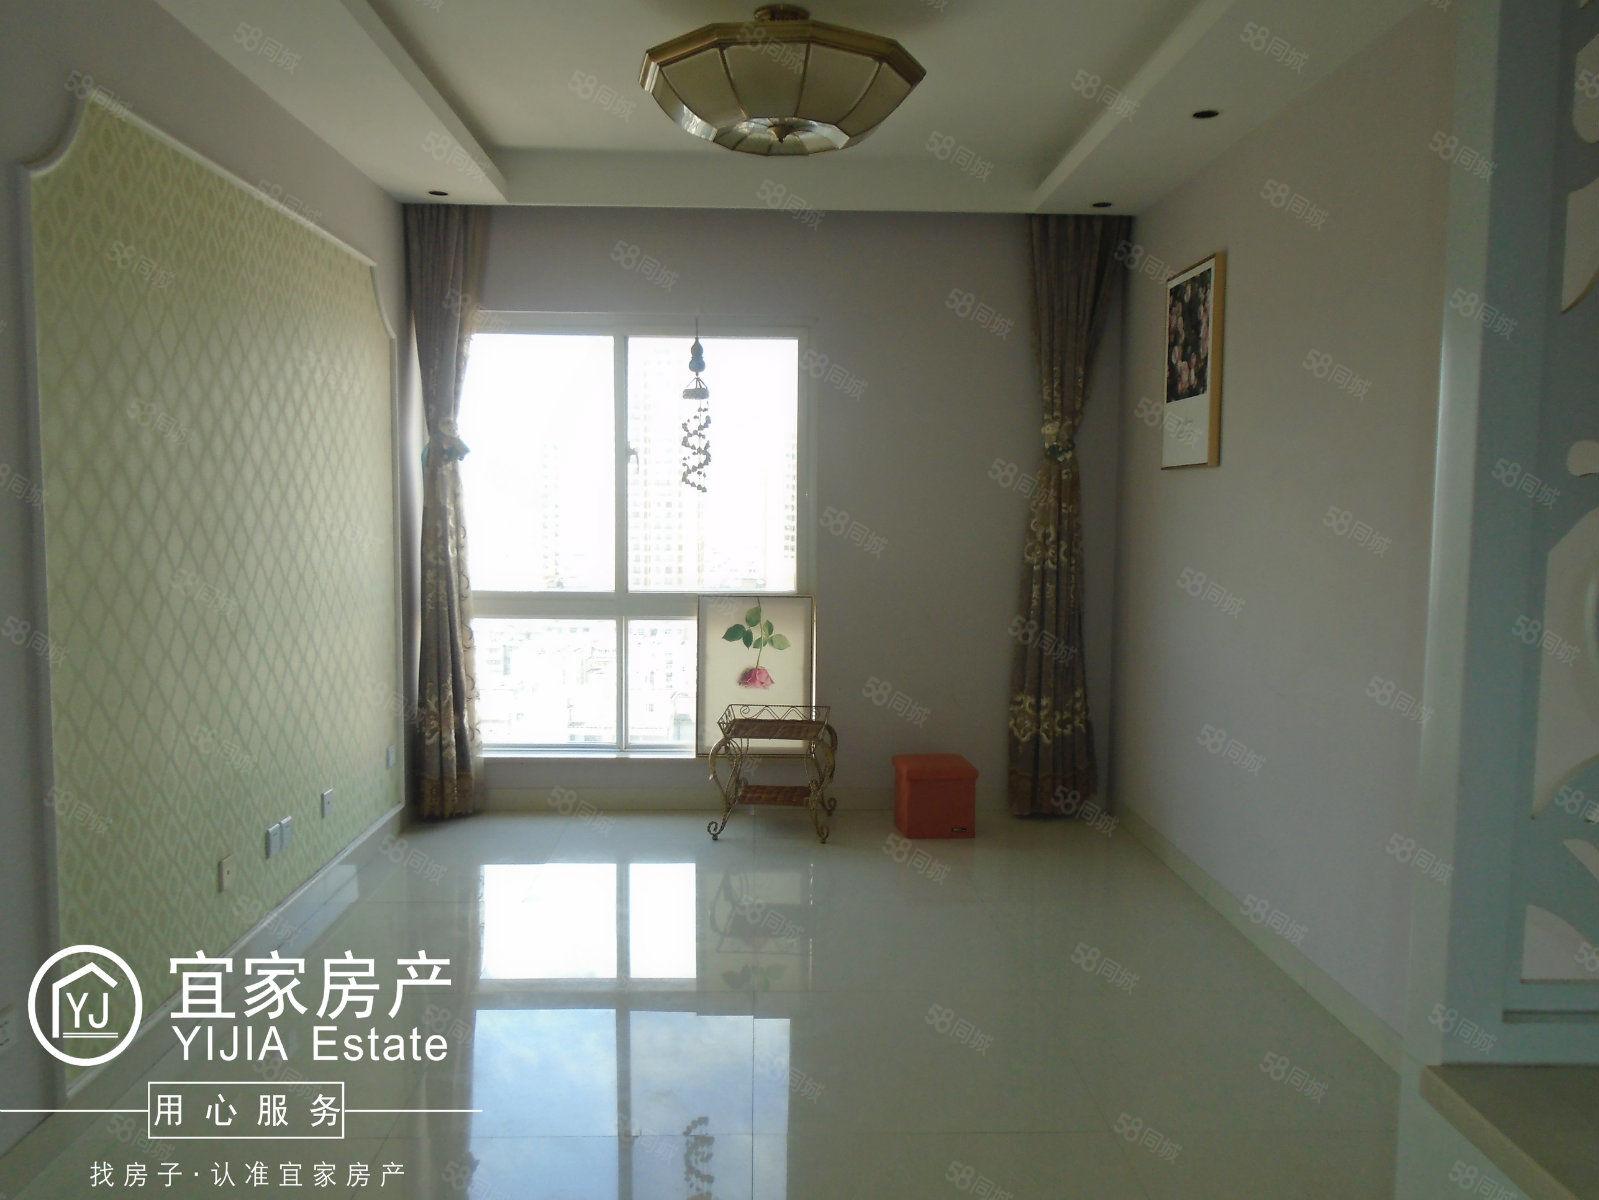 家佳大厦、2室2厅1厨1卫、73平米、精装修、空房澳门金沙平台